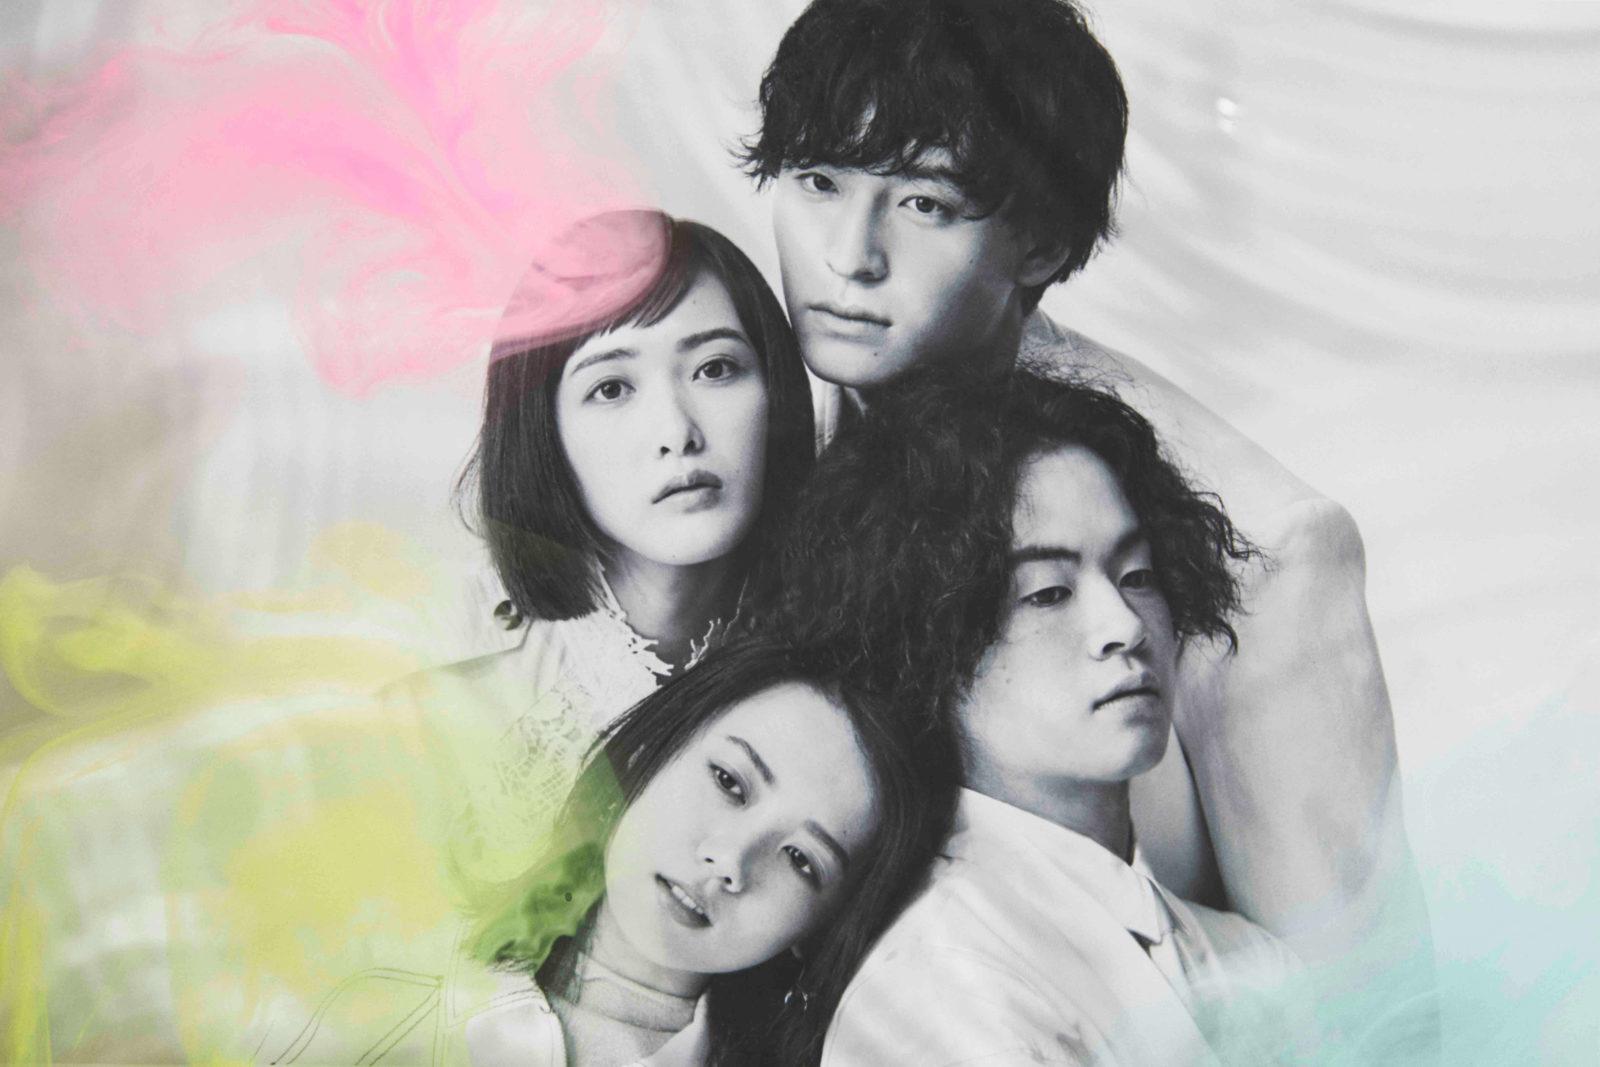 緑黄色社会、人気ドラマ主題歌「sabotage」MV公開サムネイル画像